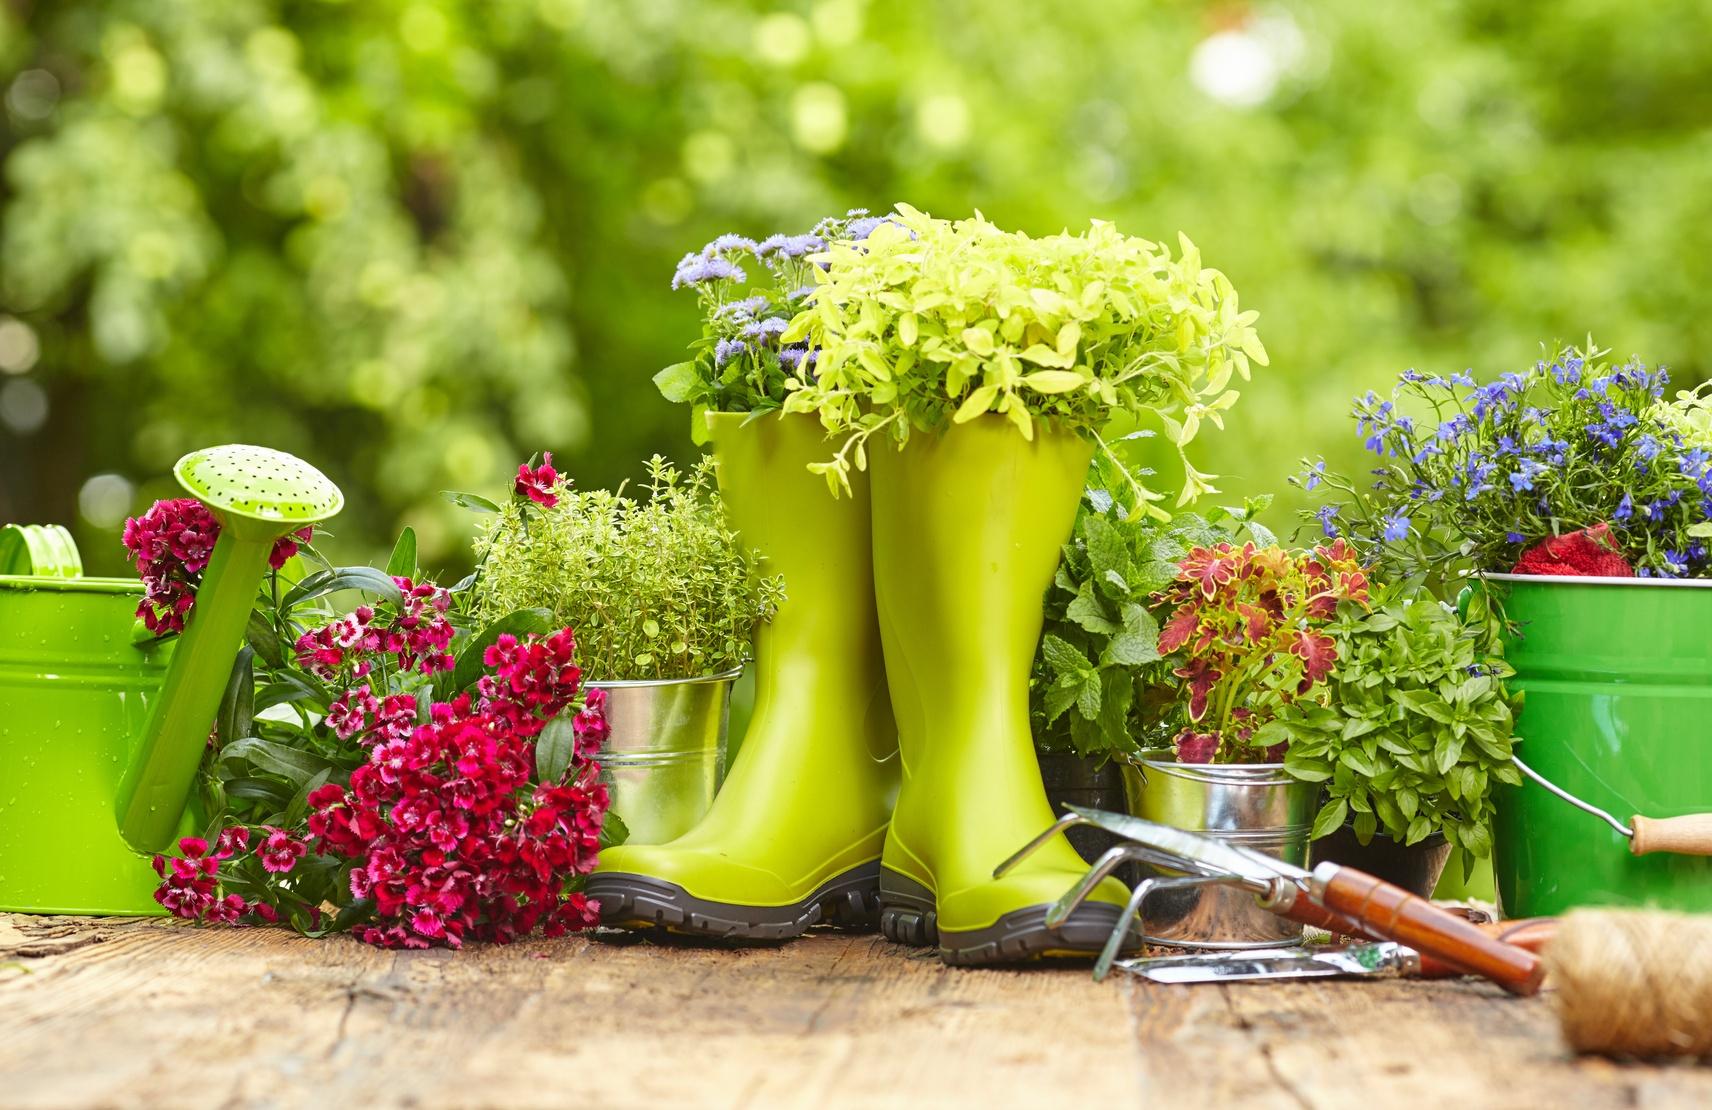 Pomladno vrtnarjenje - Ustvarjanje skupnosti v vašem marketinškem načrtu